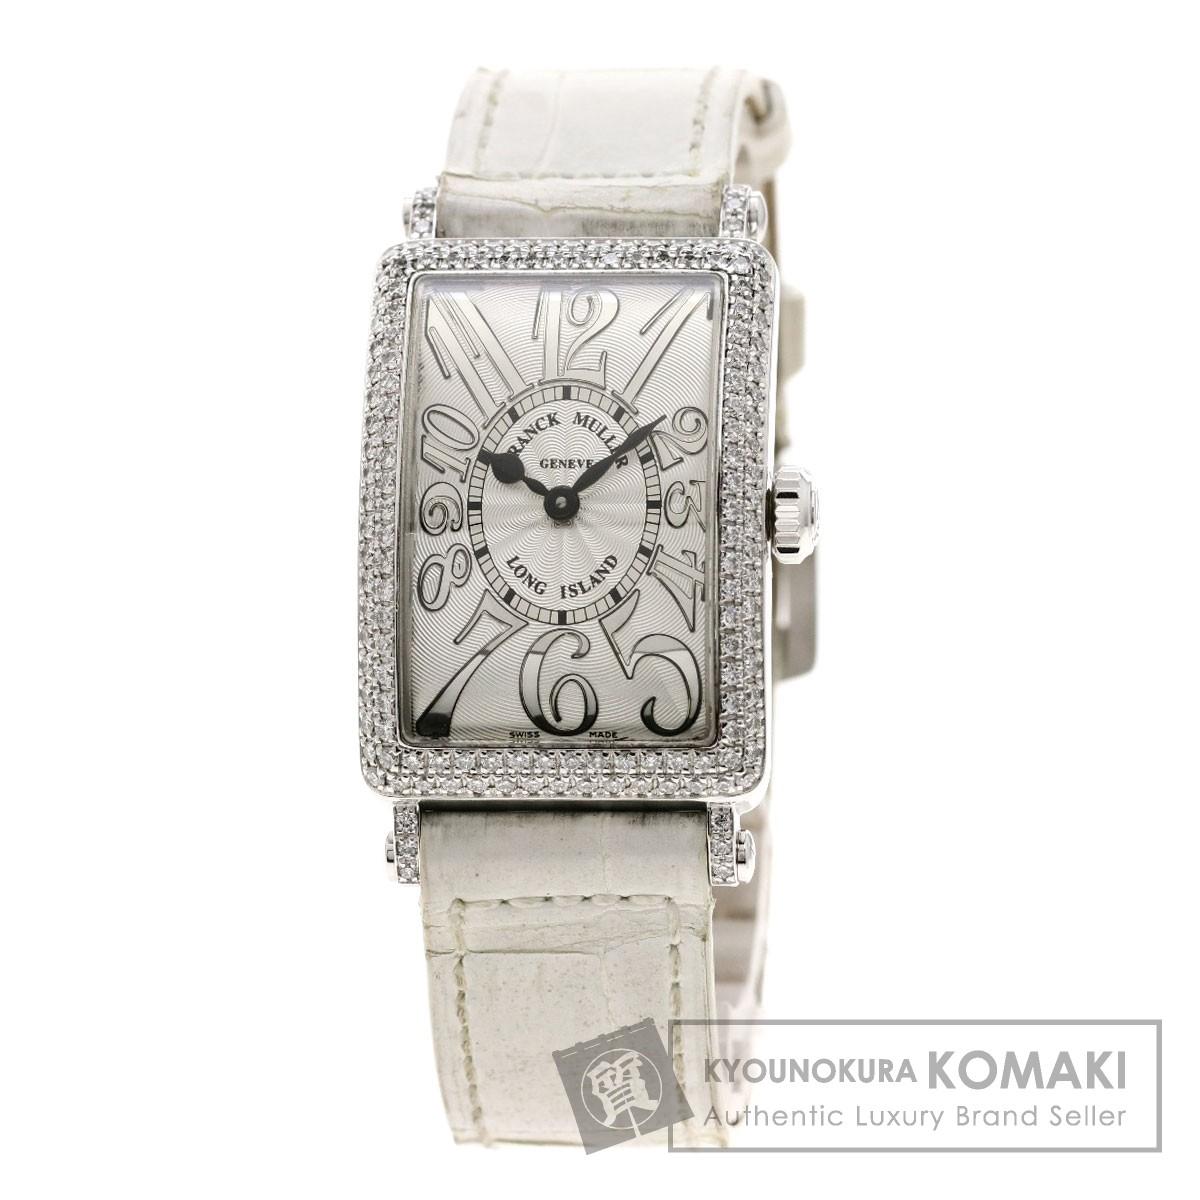 フランクミュラー 902QZD ロングアイランド ダイヤモンドベゼル  腕時計 K18ホワイトゴールド/革/ダイヤモンド レディース 【中古】【FRANCK MULLER】